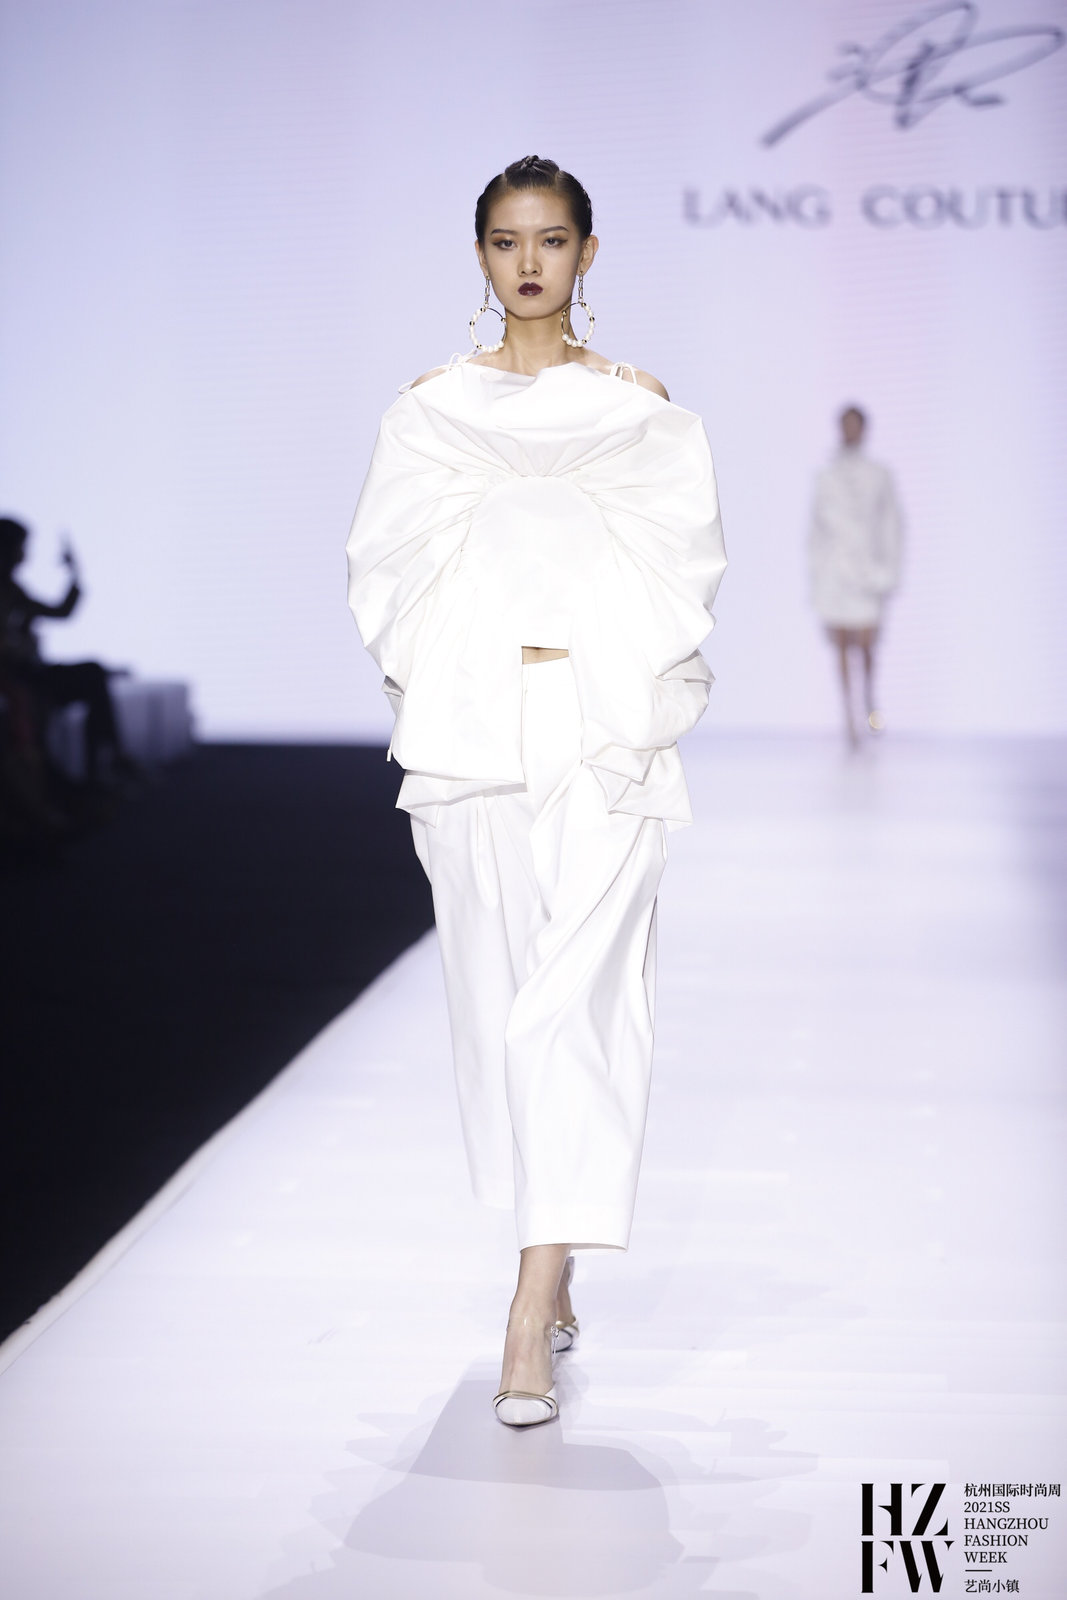 浪 COUTURE & Y·YUAN fashion me 造型发布会